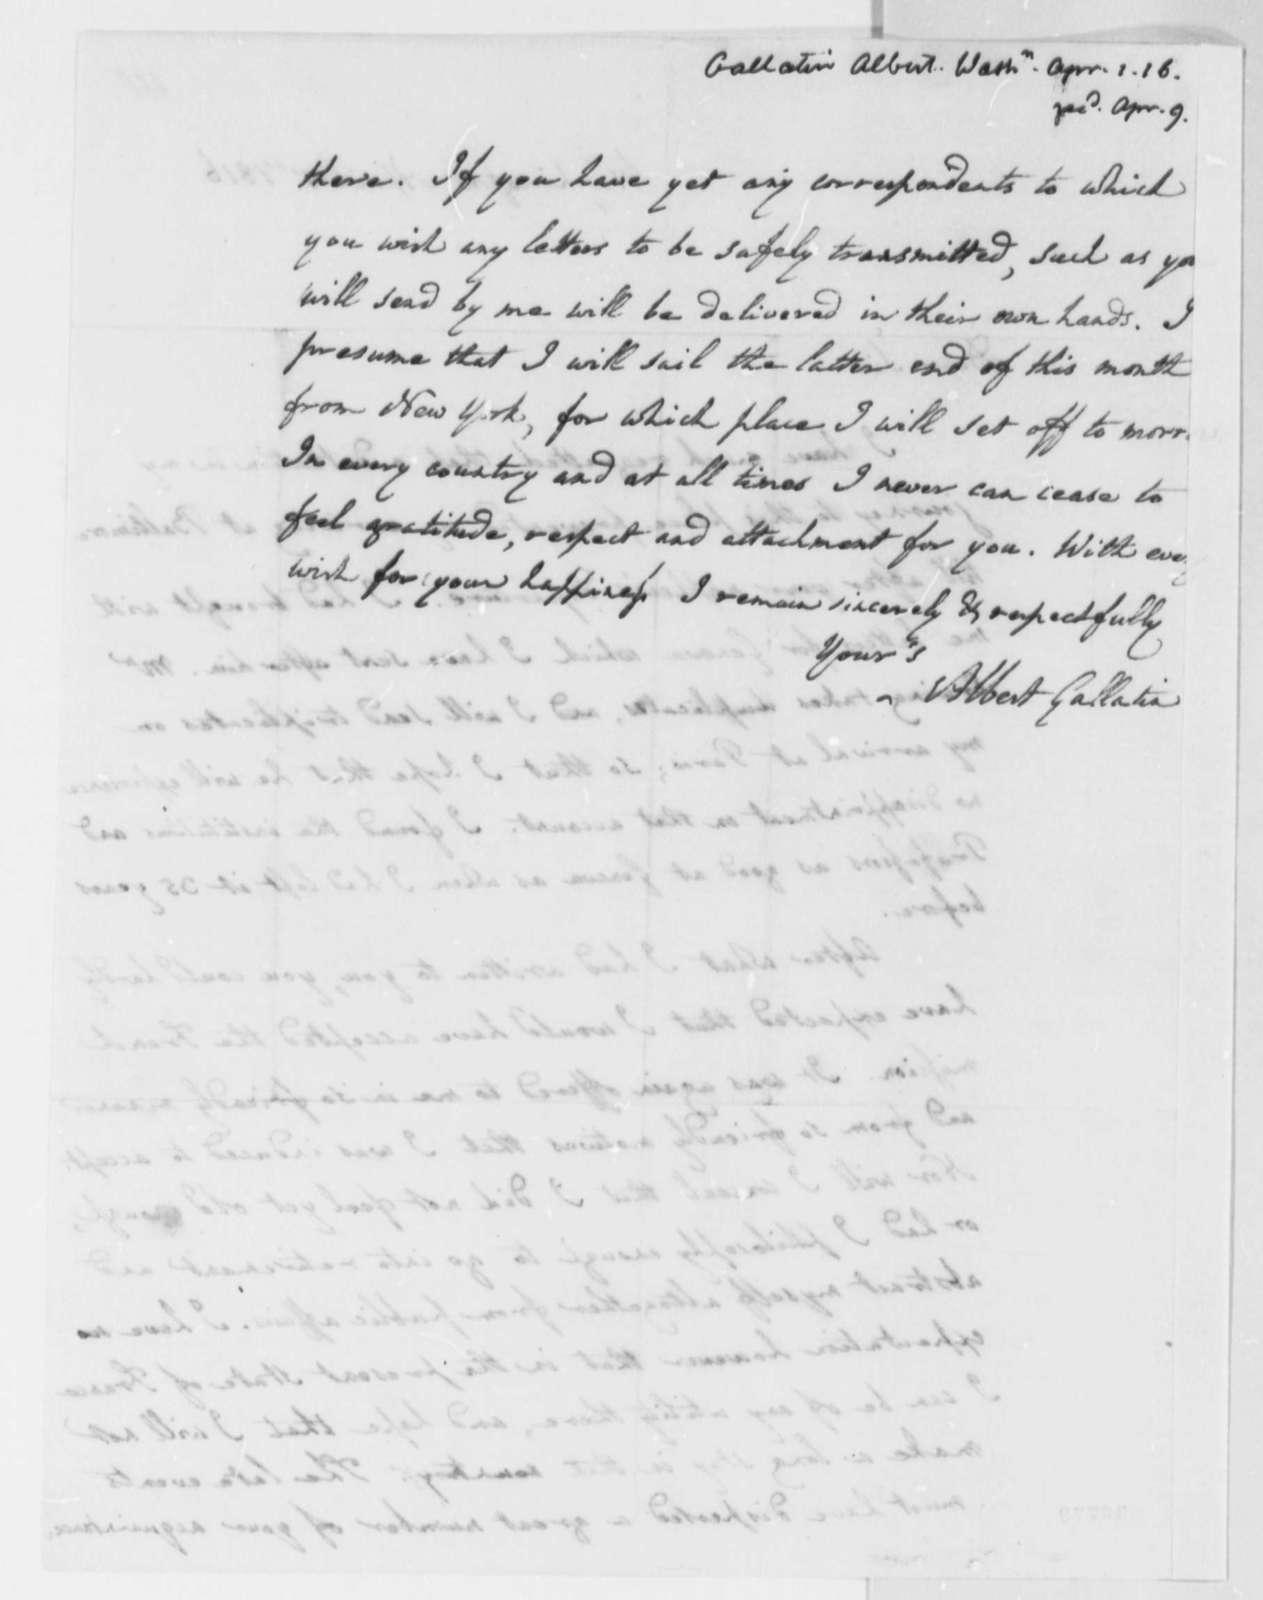 Albert Gallatin to Thomas Jefferson, April 1, 1816